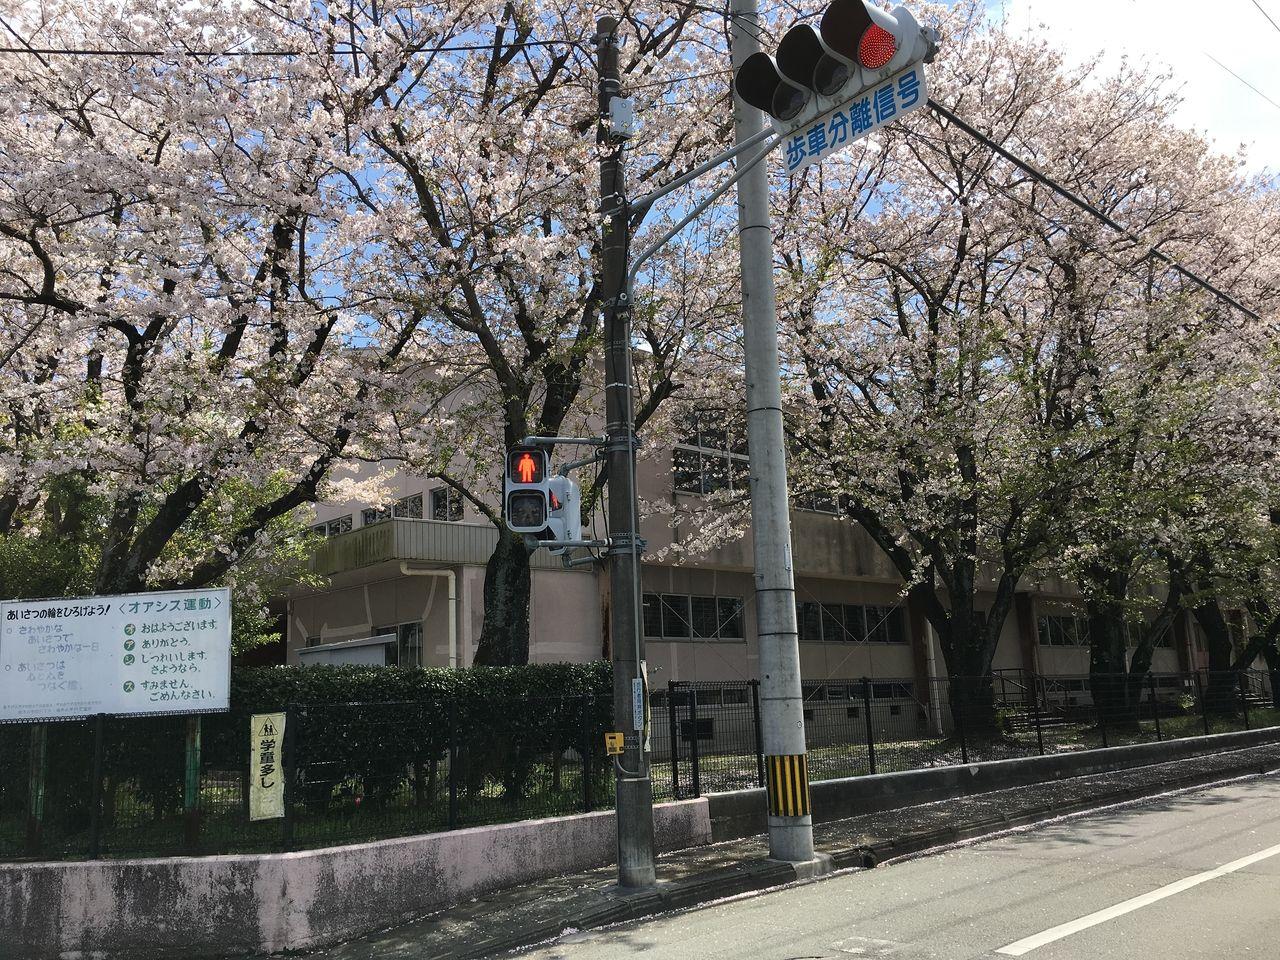 学校に隣接する交差点の信号機は歩車分離の信号機です。